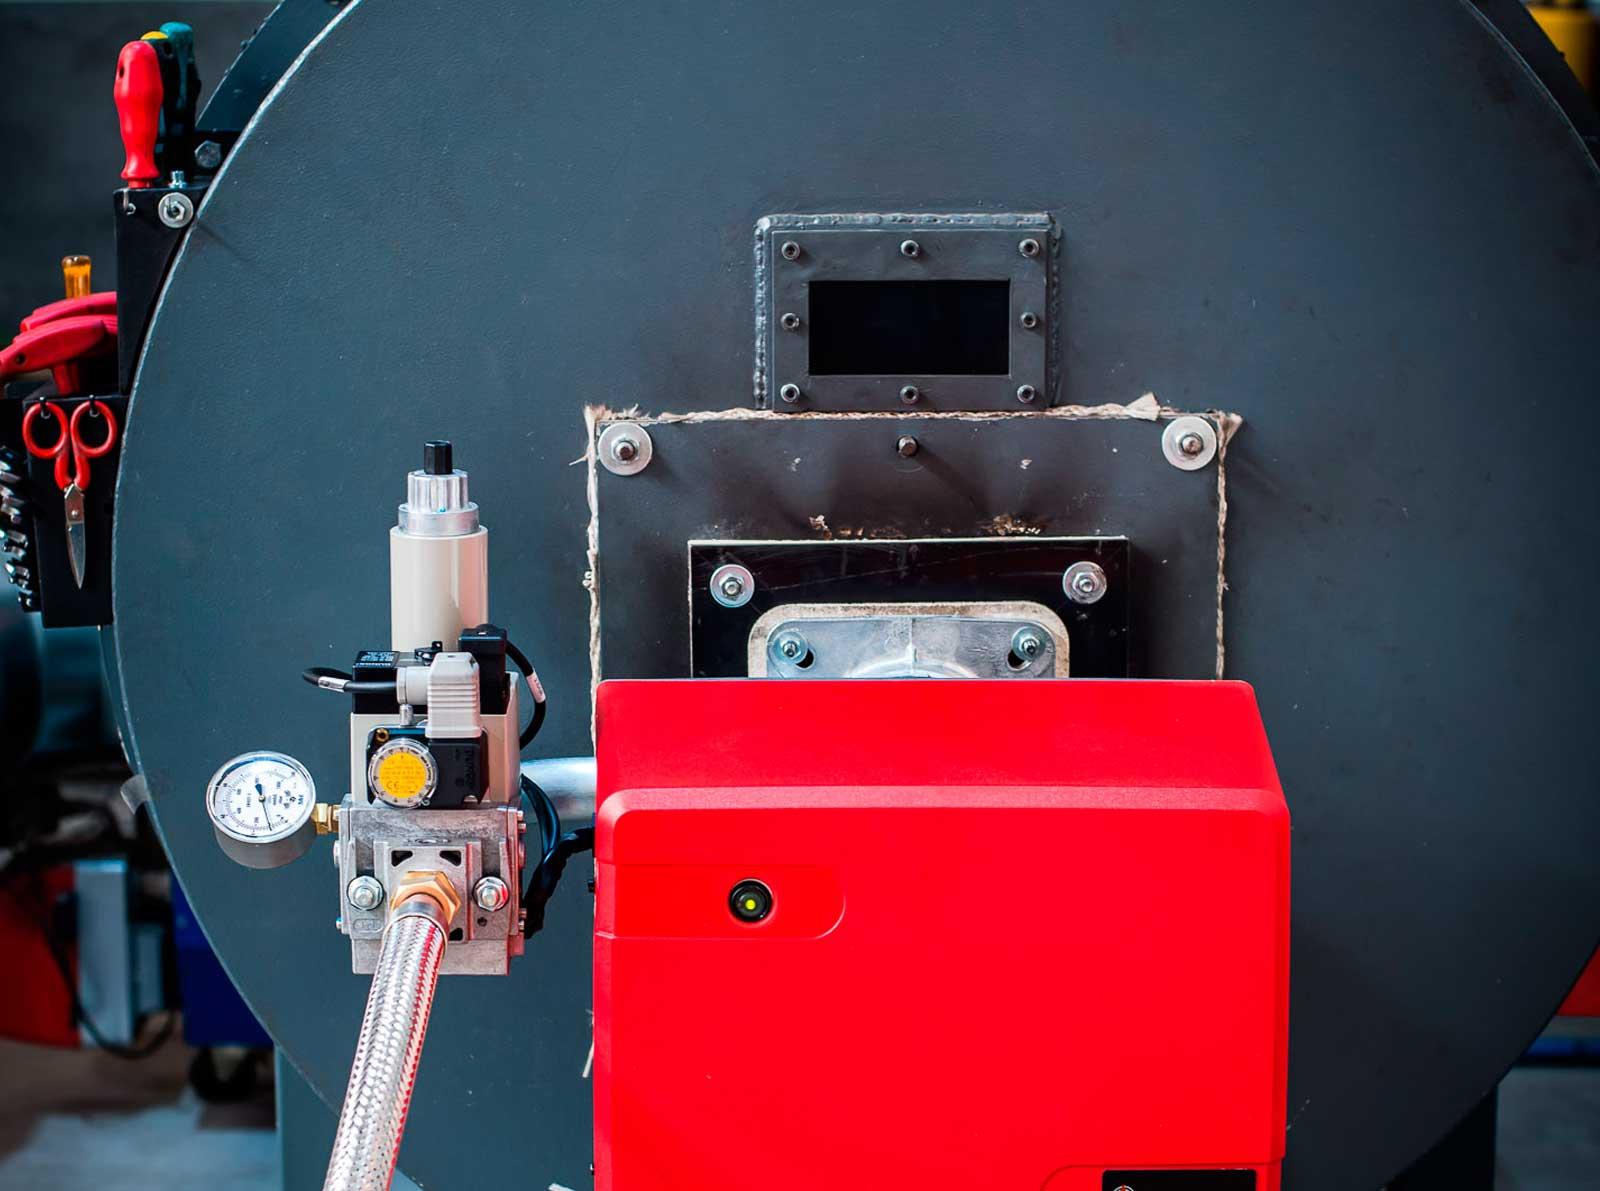 quemador-cremax-gasoleo-flamax-eficiencia-energetica-galeria